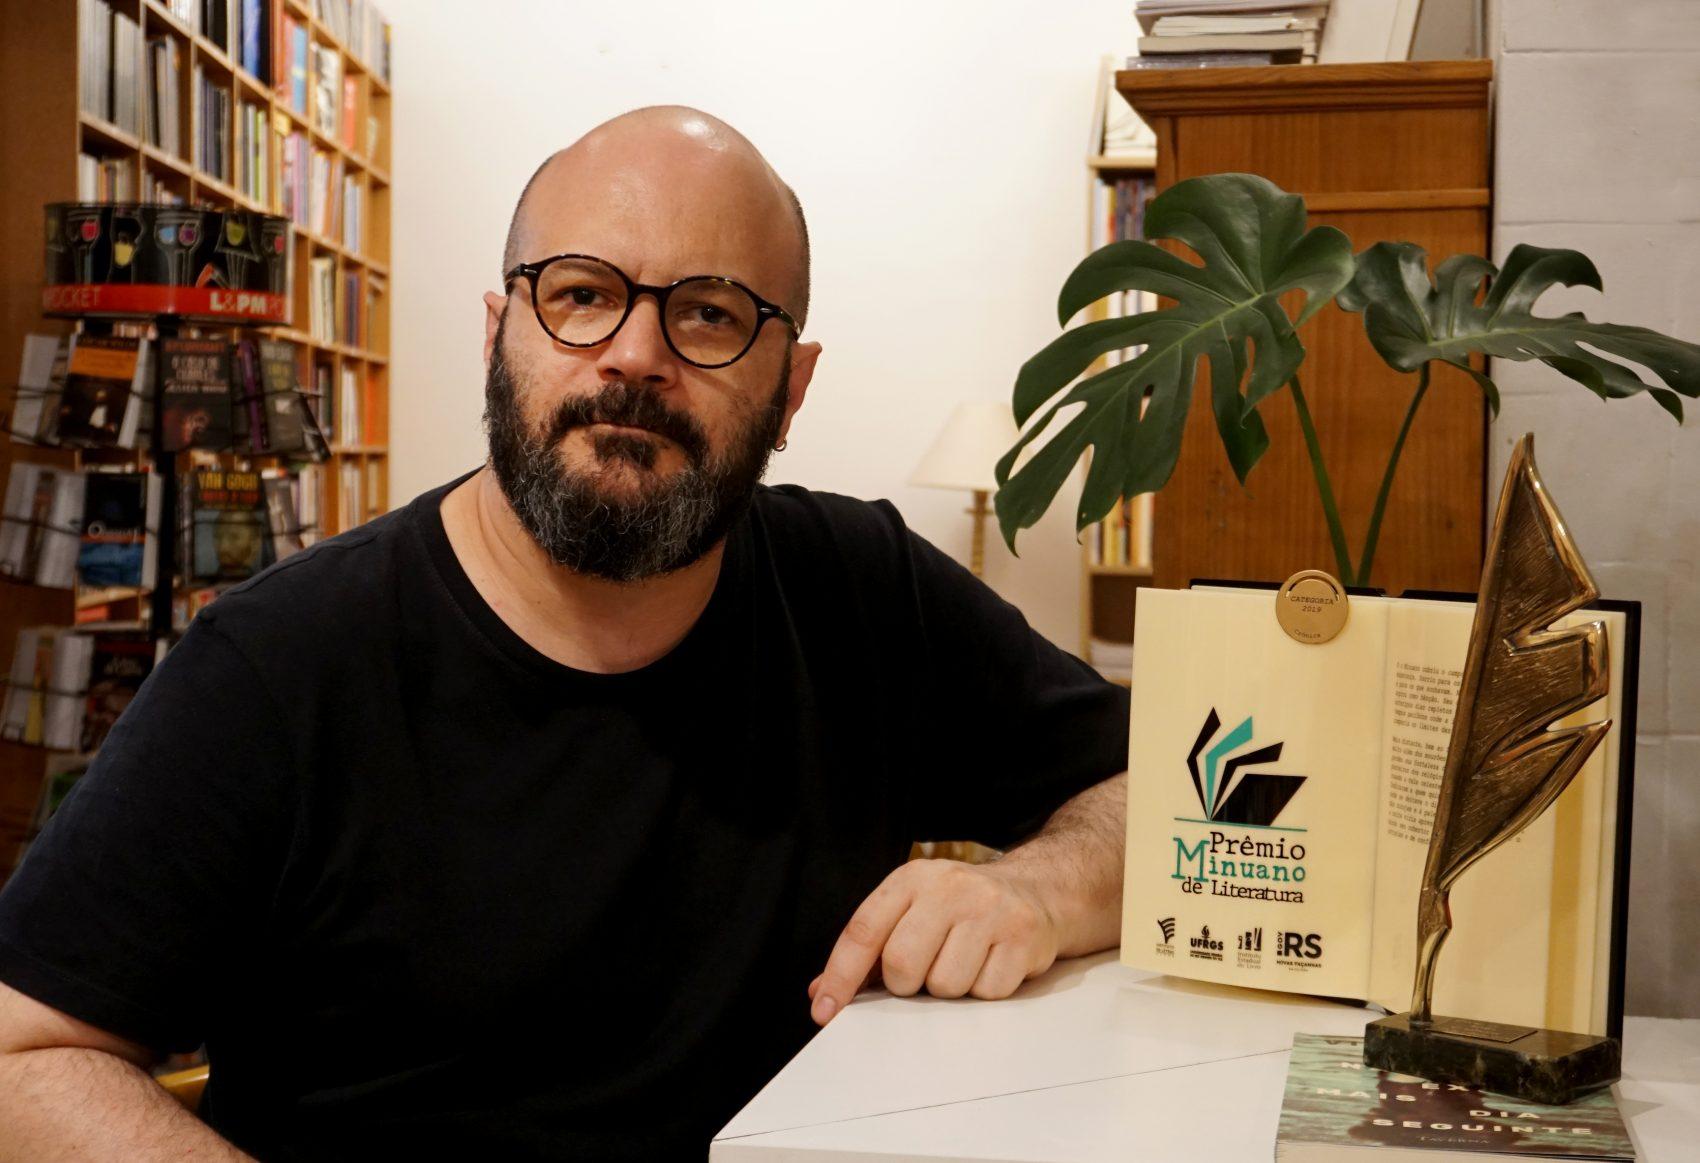 Vitor Necchi, professor, jornalista e escritor. laureado com os prêmio Minuano de Literatura e Ages - Livro do Ano, na categoria crônica com a obra 'Não existe mais dia seguinte'